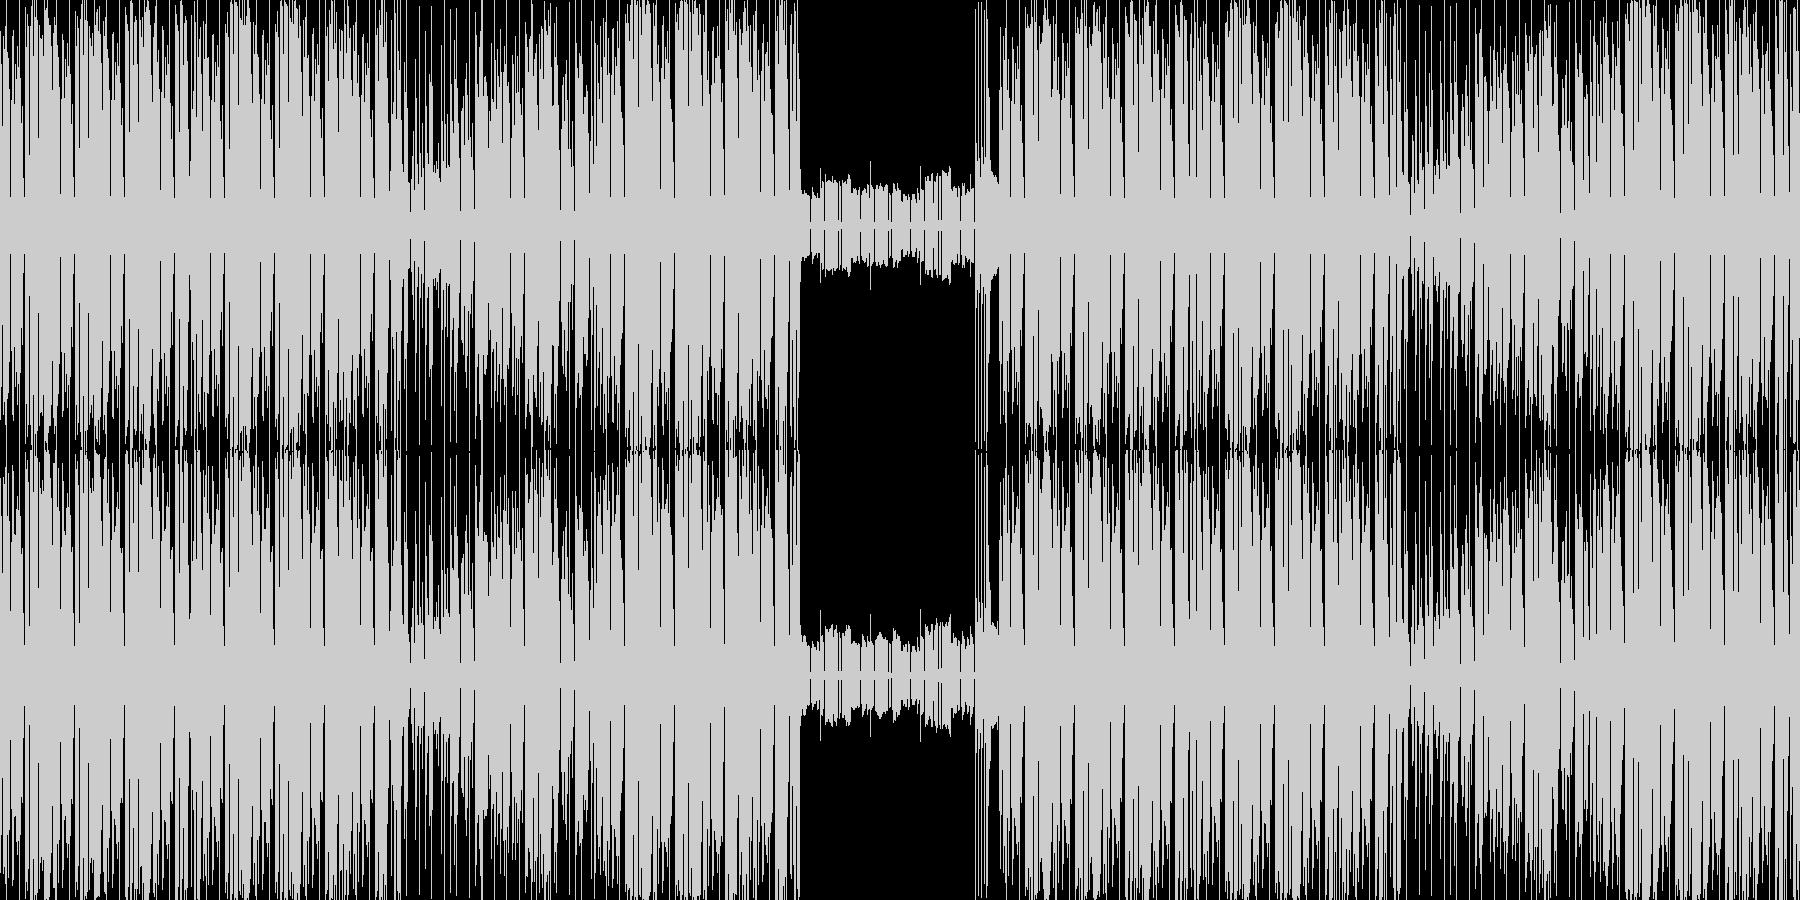 【日常系BGMエレクトロニカ・ファンク】の未再生の波形